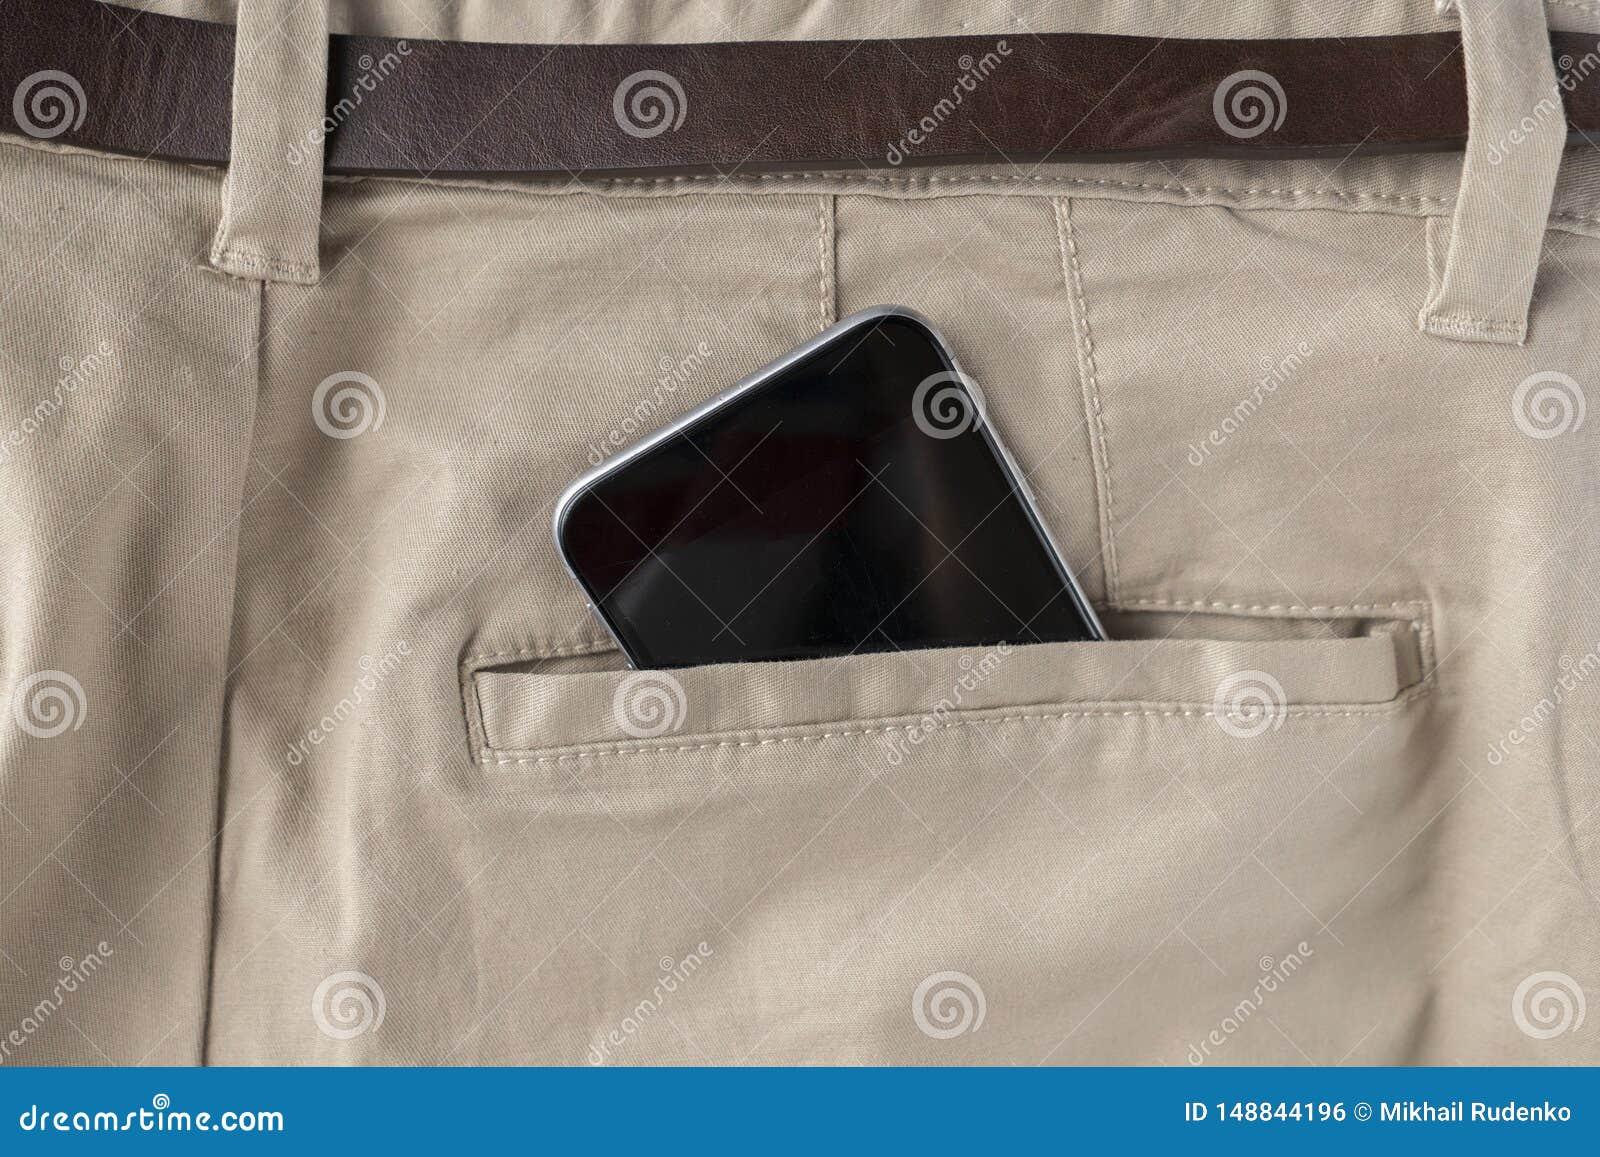 Digitale spartphone in personen hijgt of jeans achterzak, moderne mededeling en Internet-verbindingen